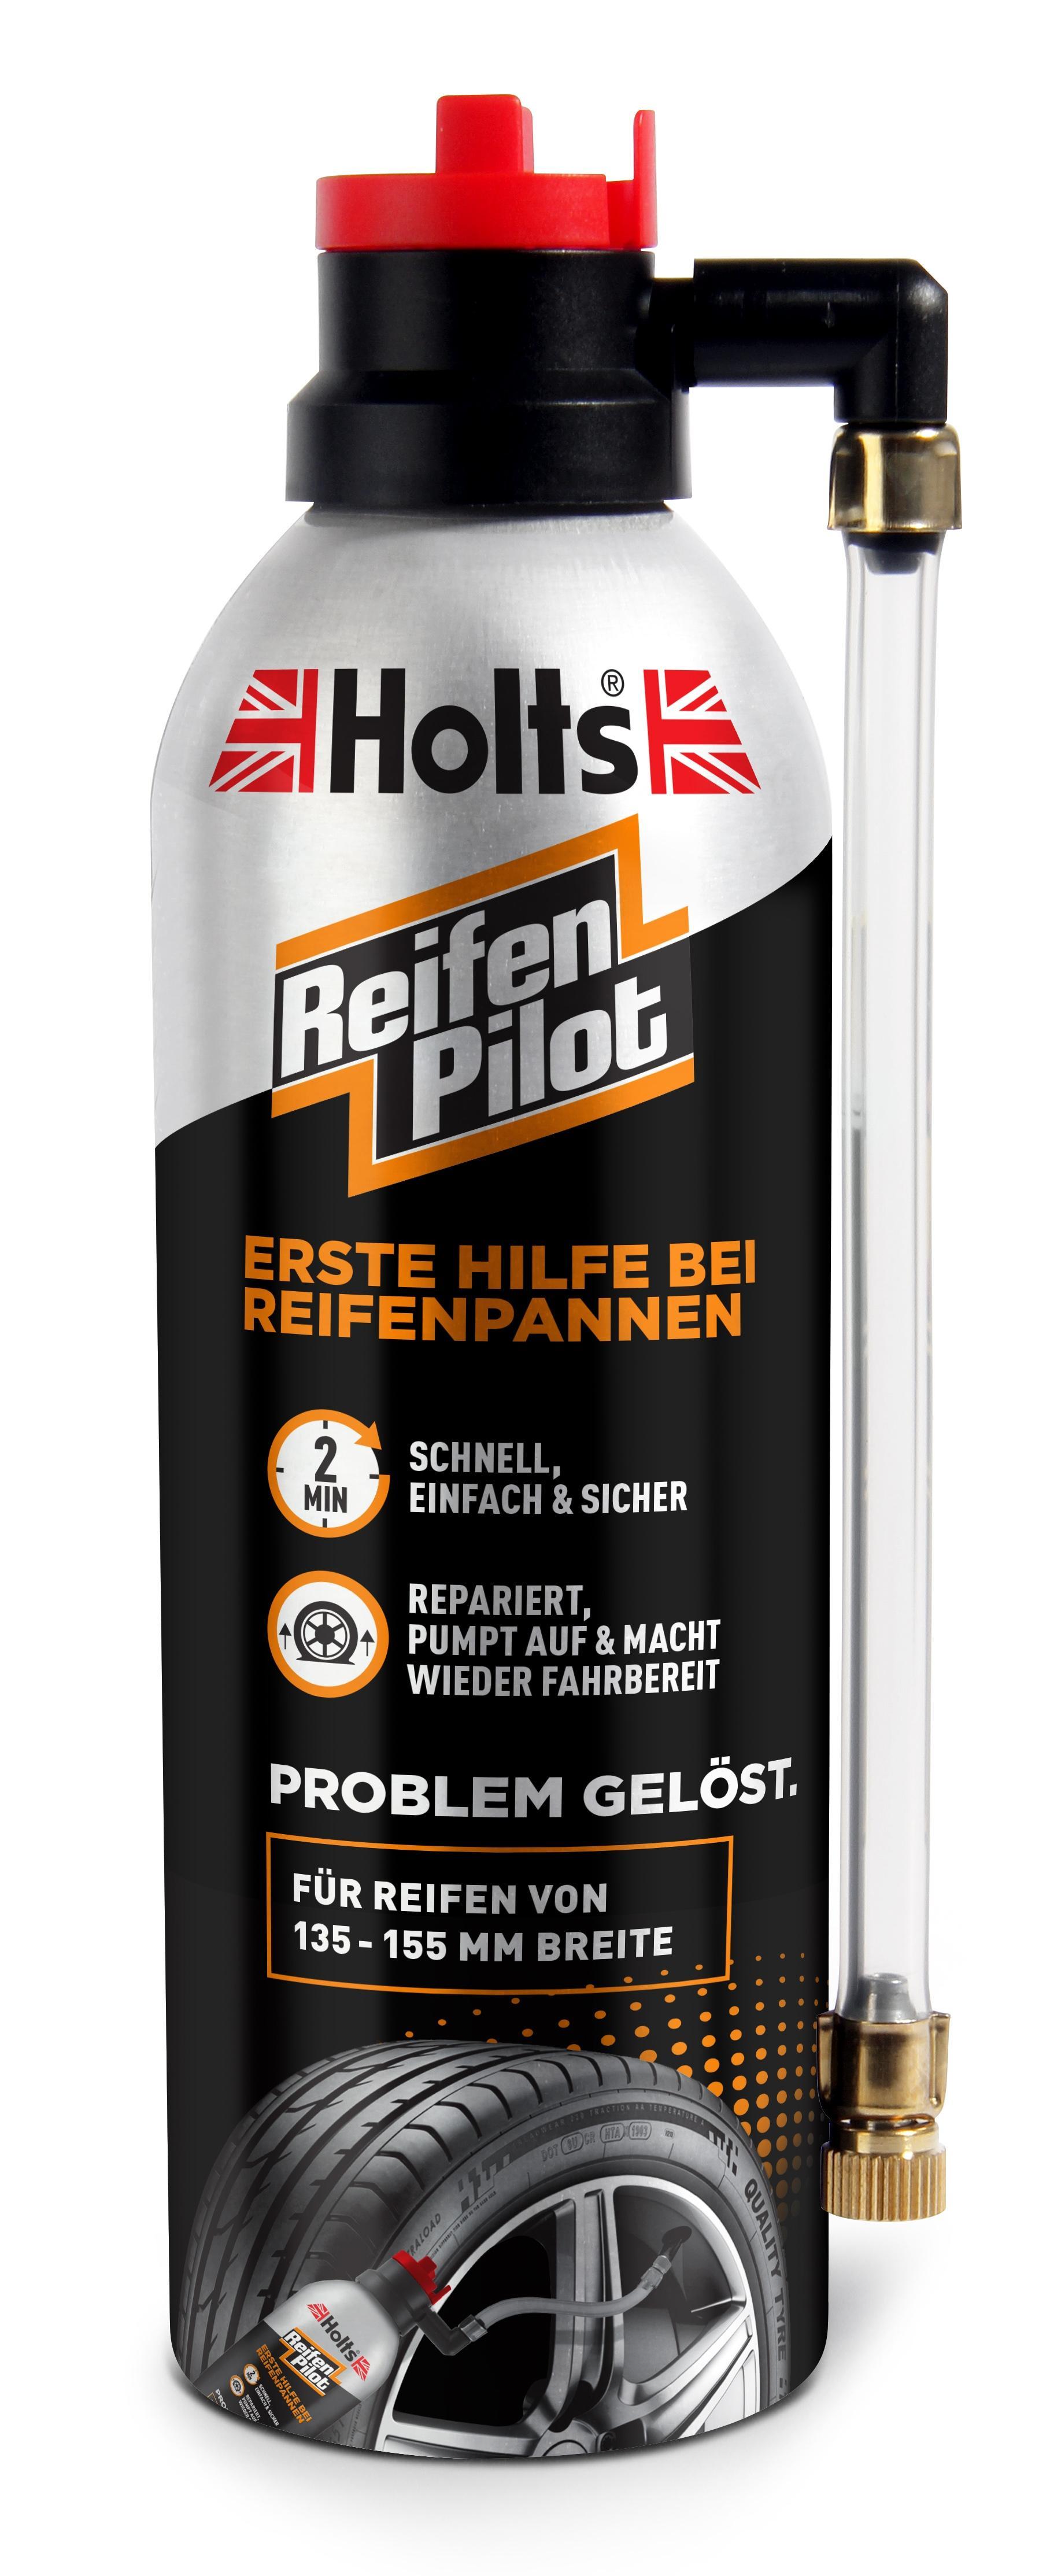 HOLTS Reifen Pilot 71051200002 Tyre repair